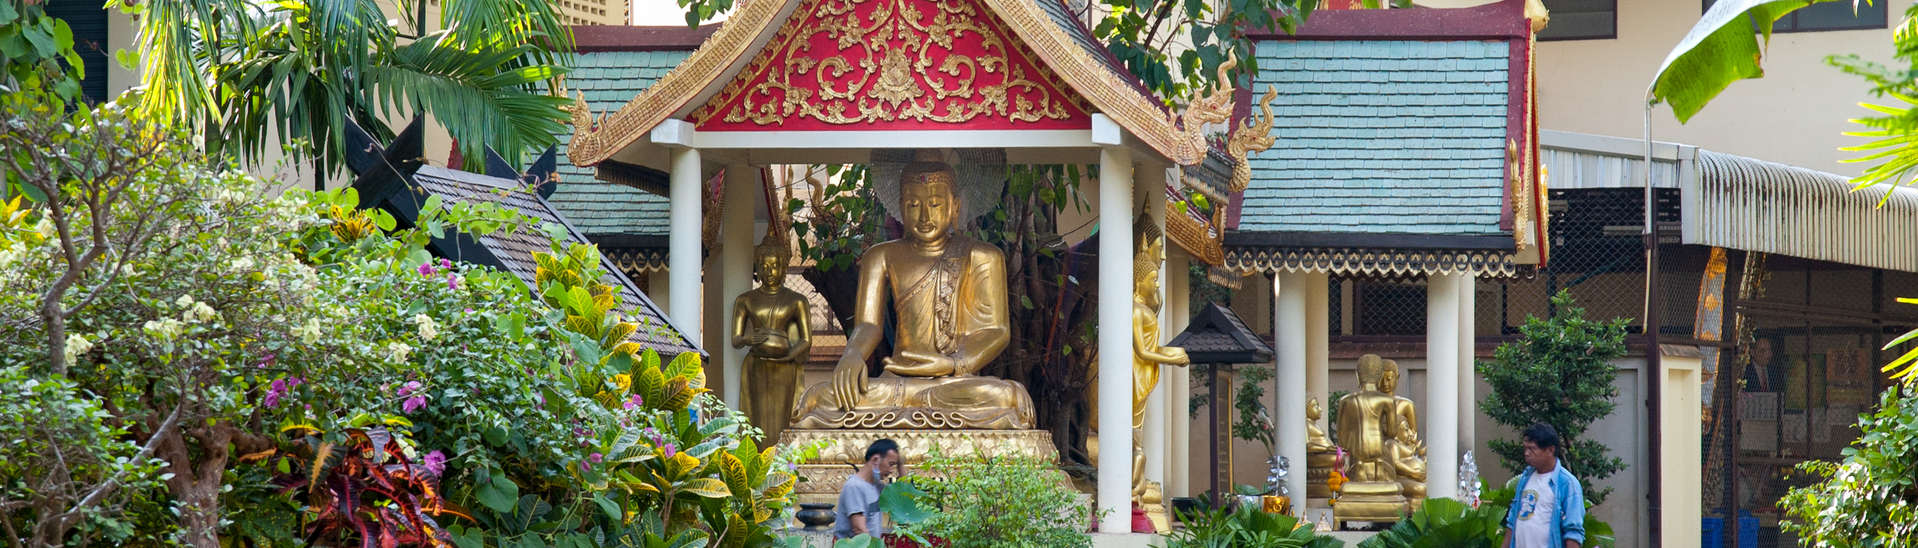 Tajlandia.2009-121.jpg